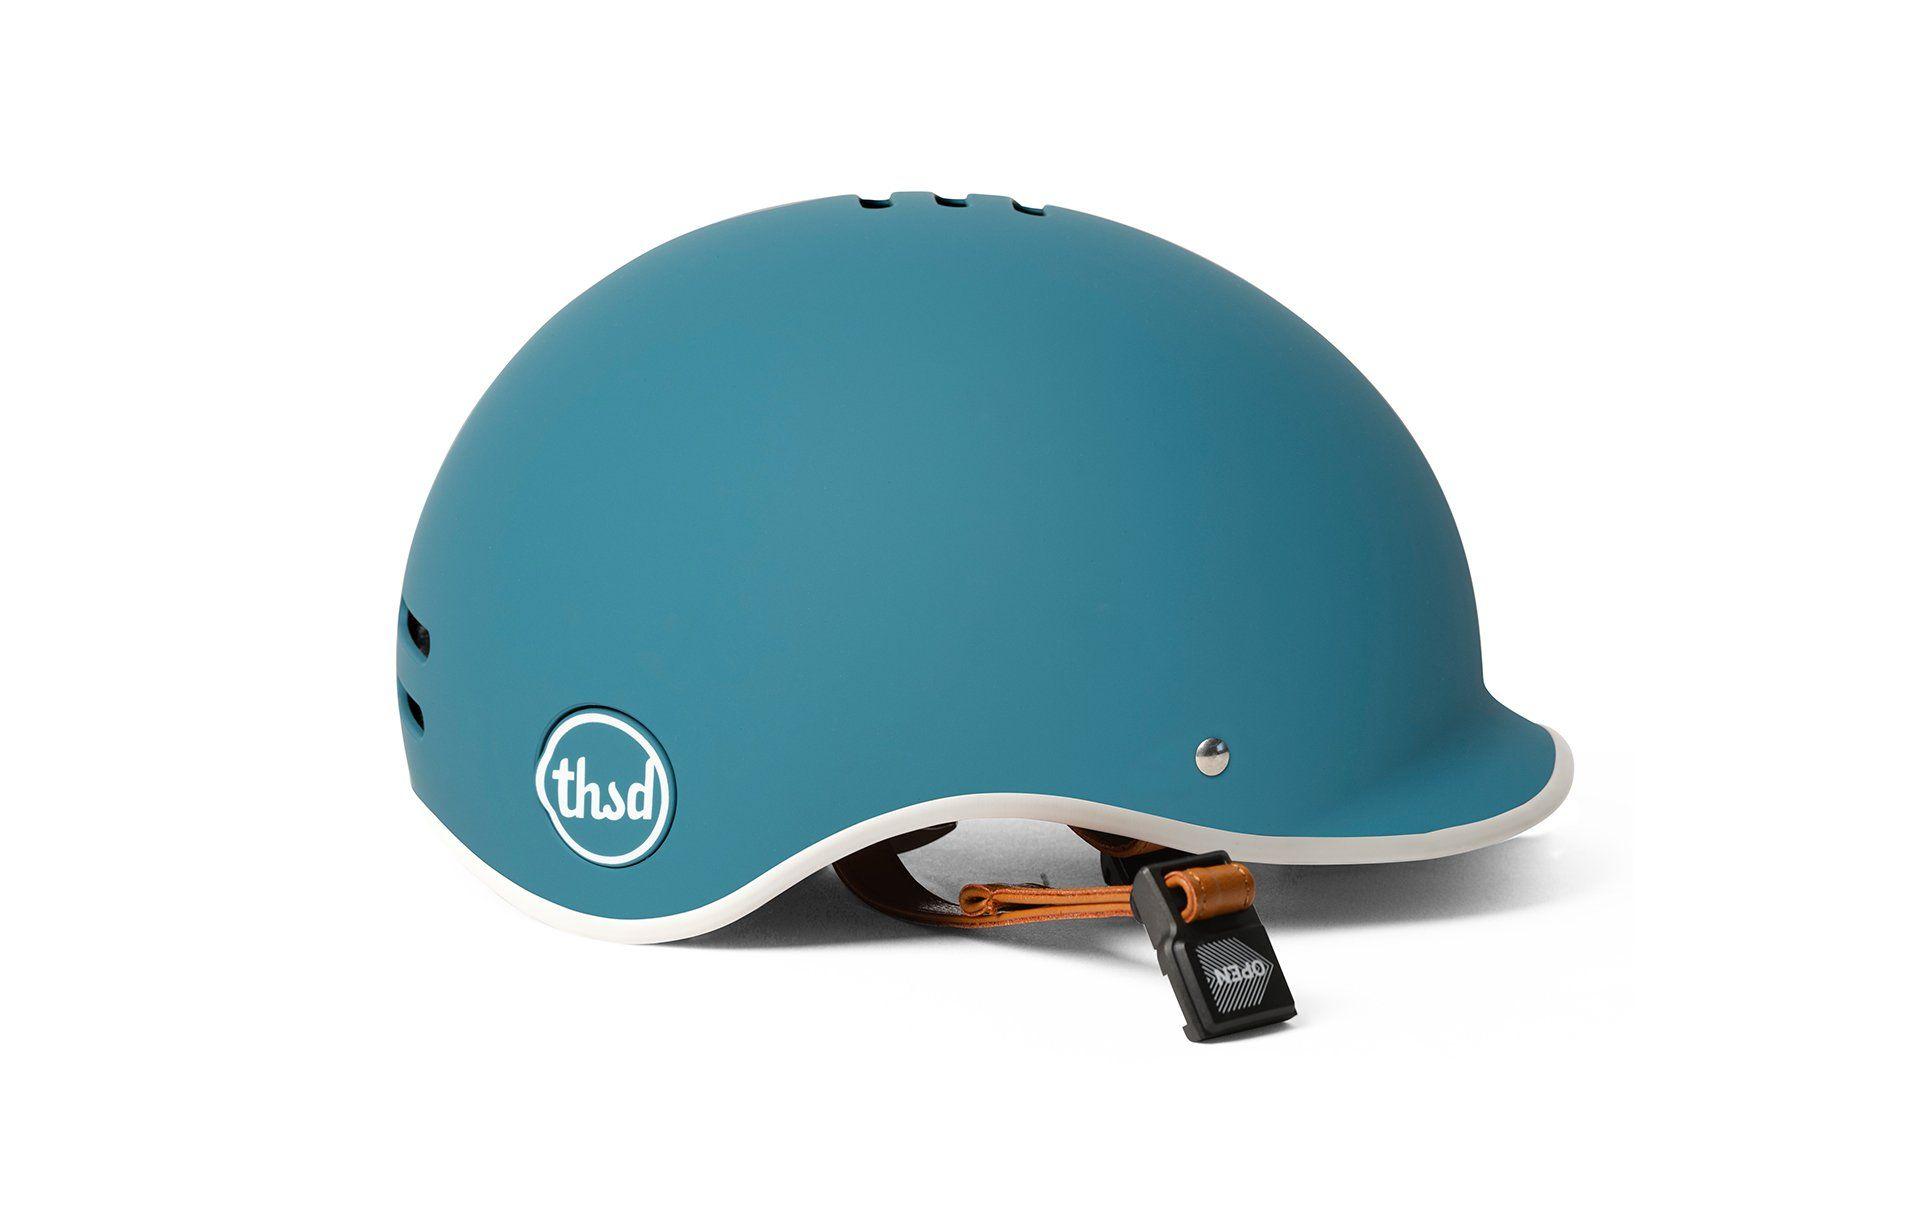 Thousand Heritage Helmet By Thousand In 2021 Helmet Bike Helmet Cool Bike Helmets